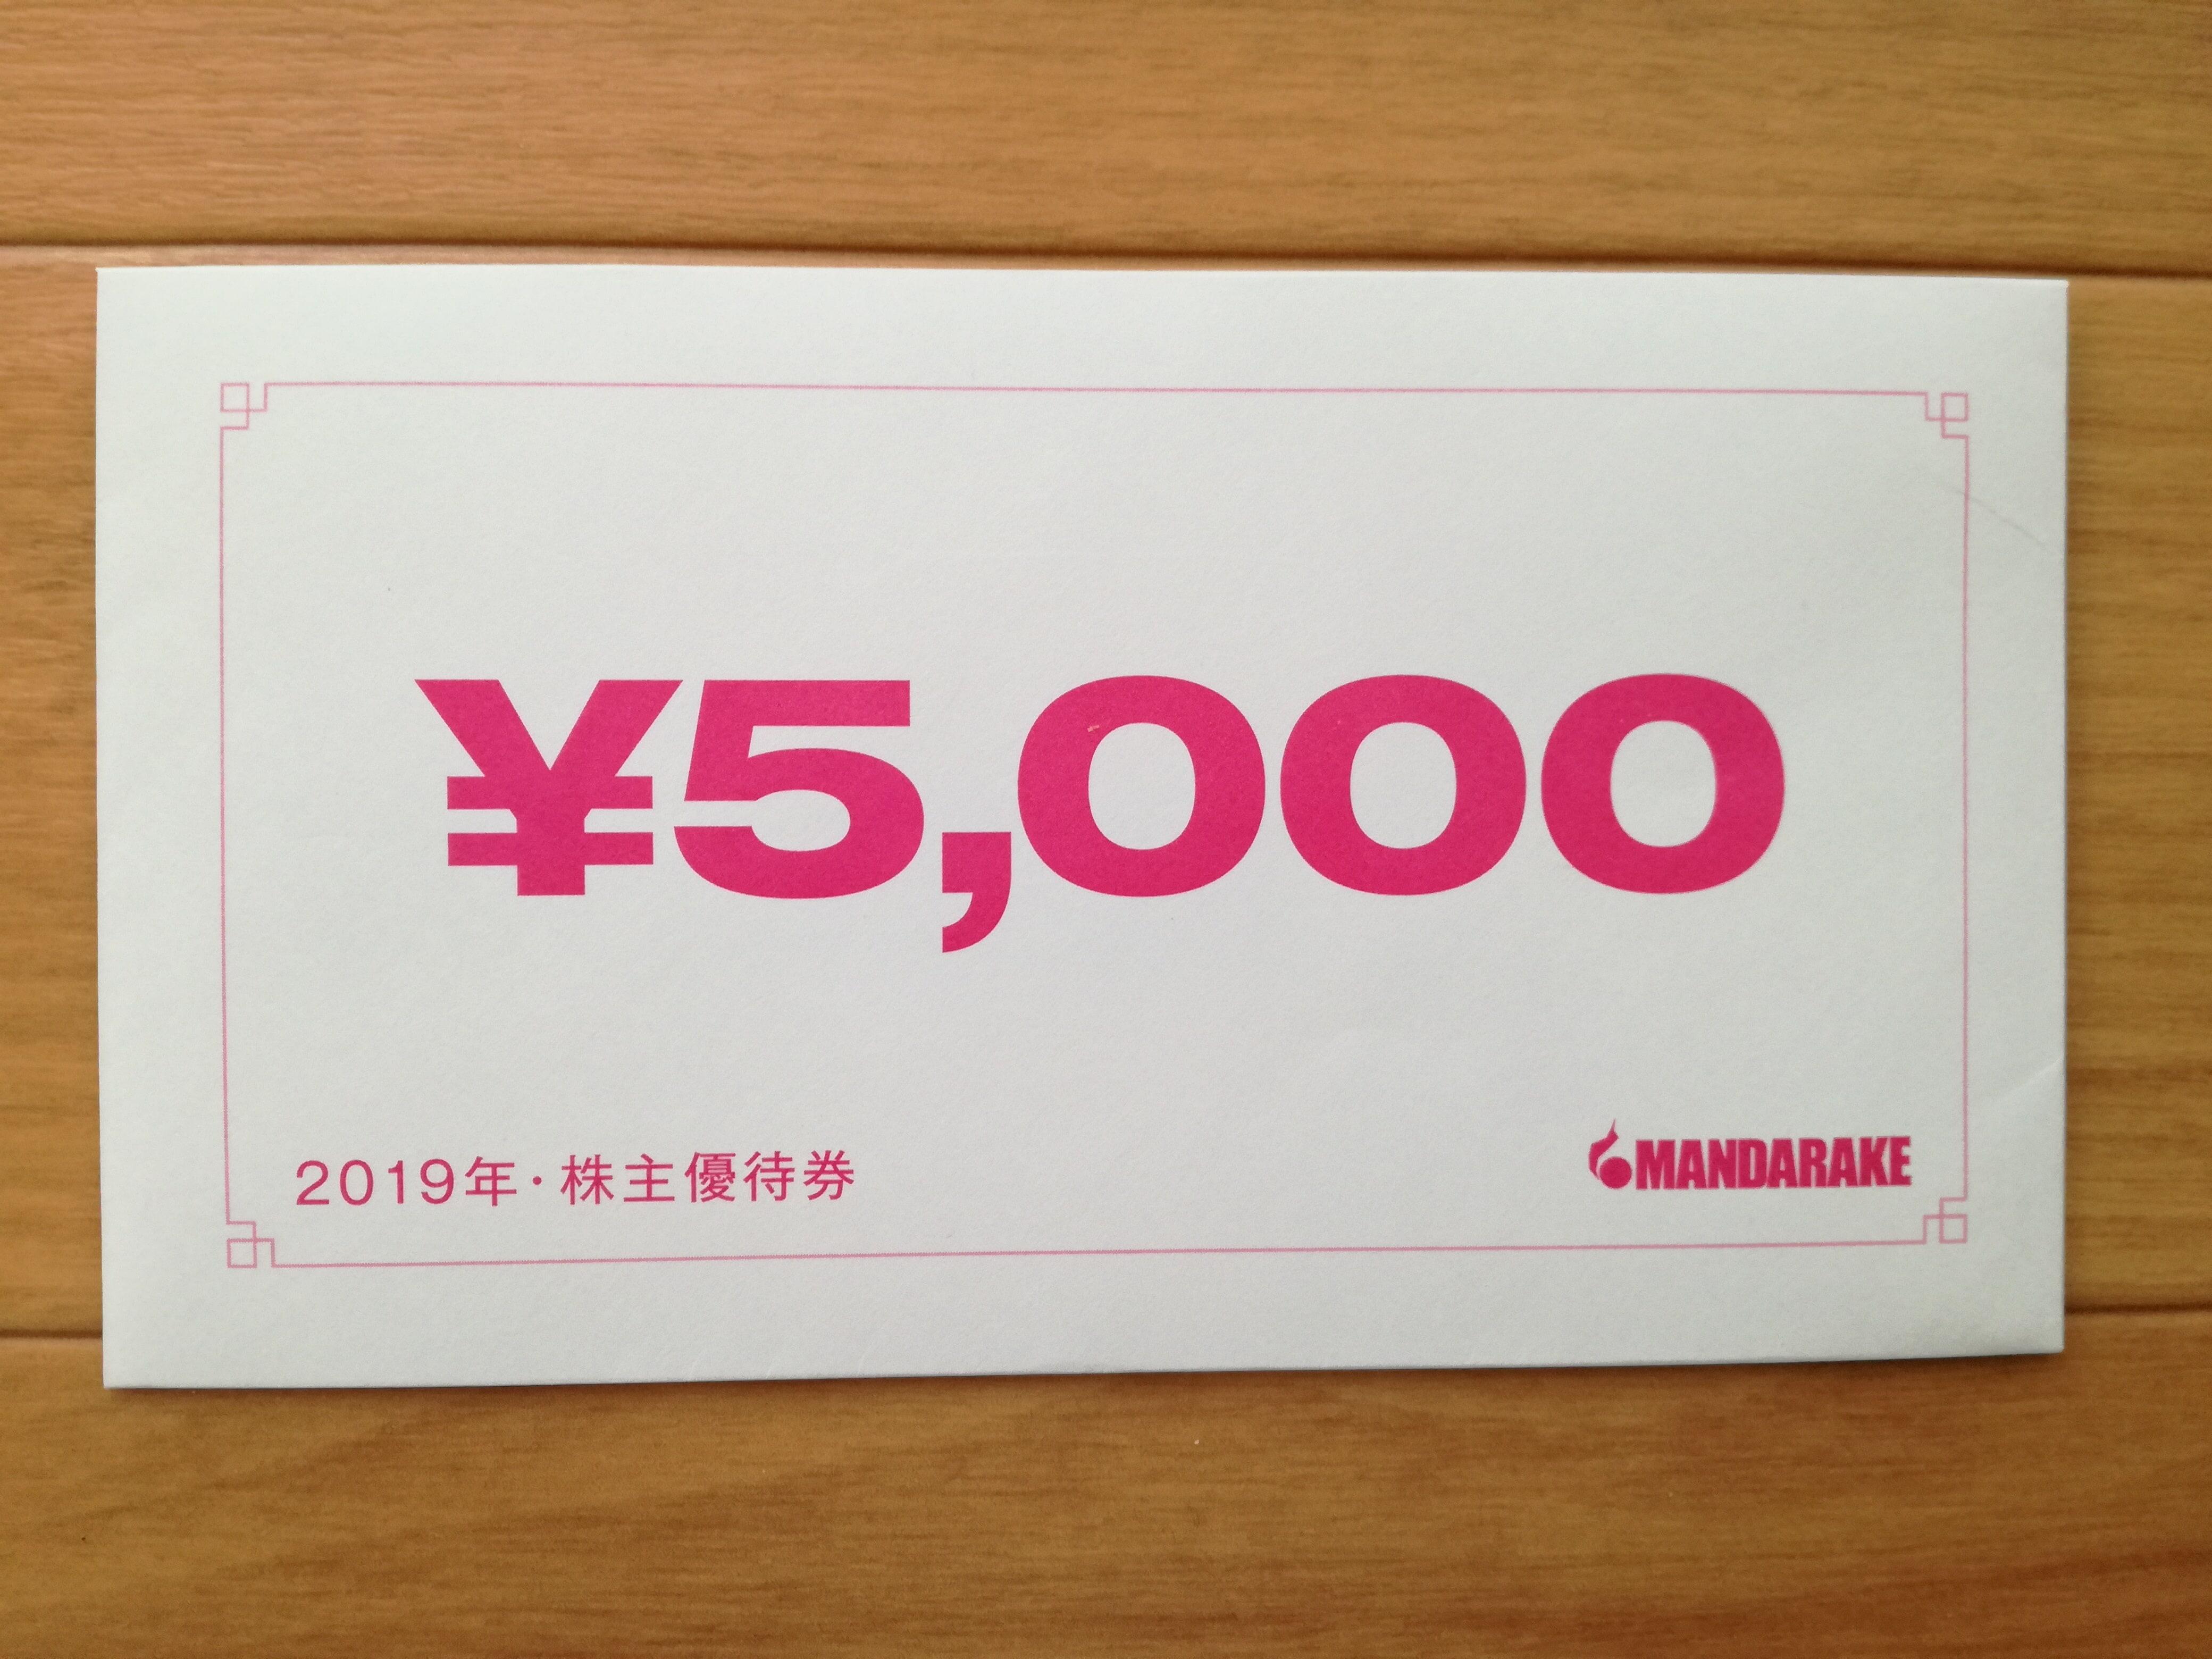 長期継続保有で金額アップ まんだらけ(2652)の株主優待券5,000円分が到着!